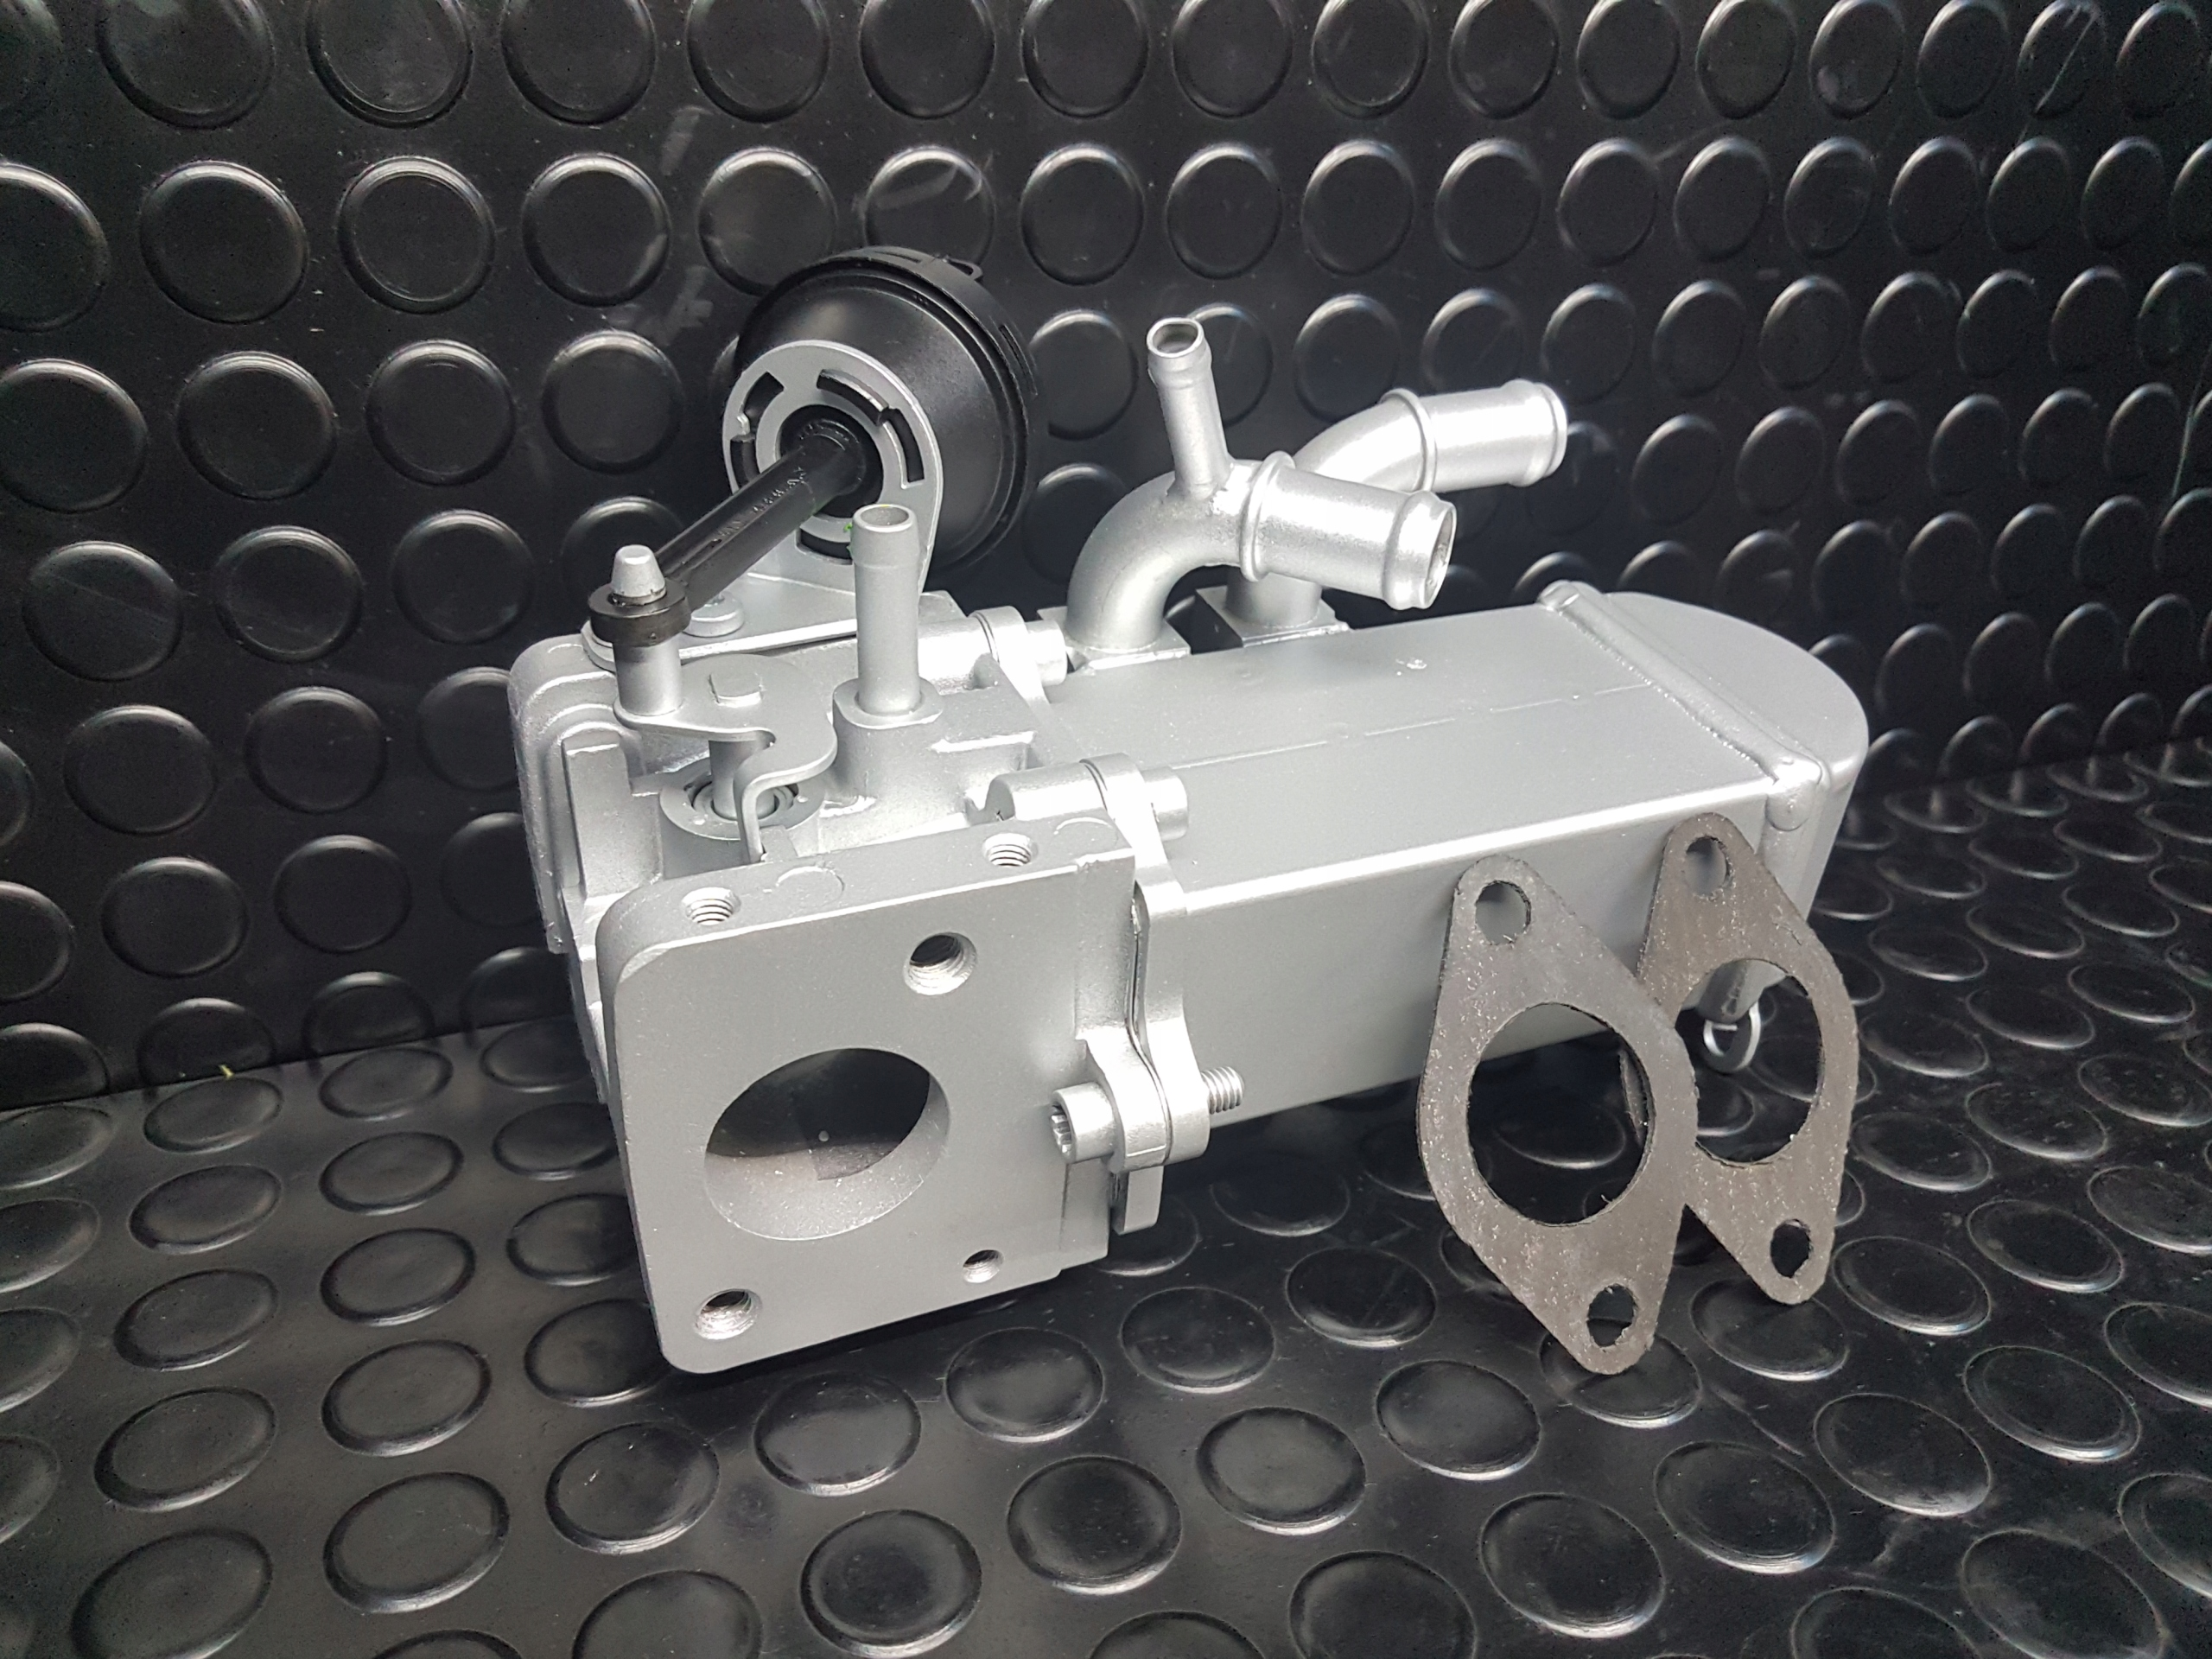 радиатор выхлопных газов клапан системы рециркуляции ог audi a6 27 tdi 30tdi